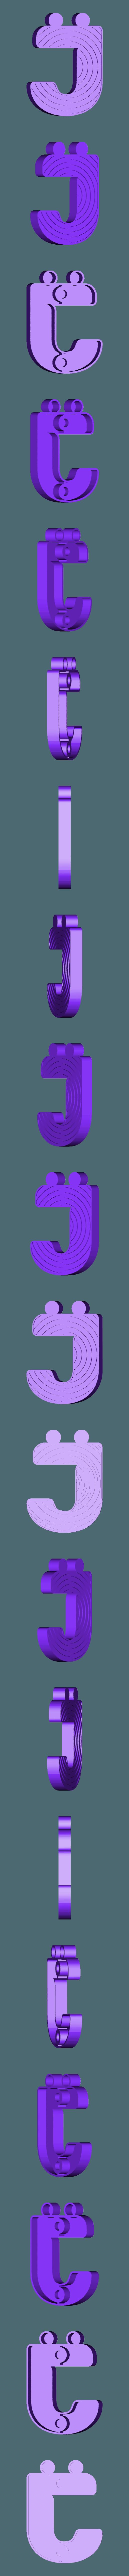 J.stl Télécharger fichier STL gratuit Alphabet pour enfants. F G H H I J J • Objet imprimable en 3D, Ruvimkub